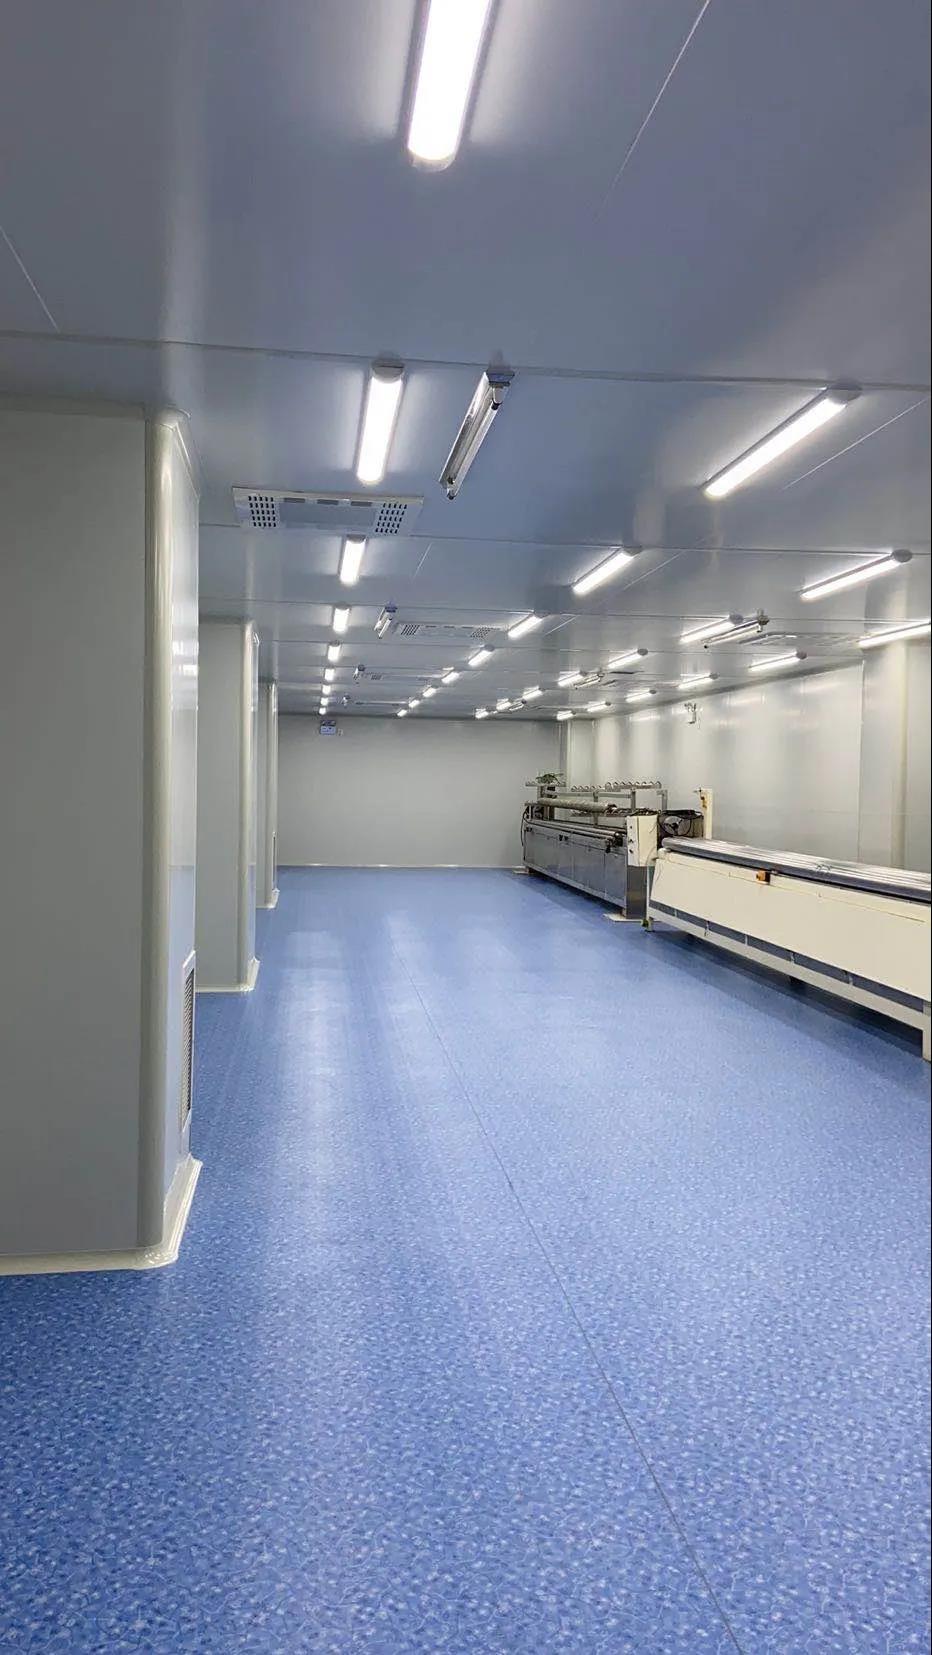 公司提升员工专业技能参加洁净室运行培训